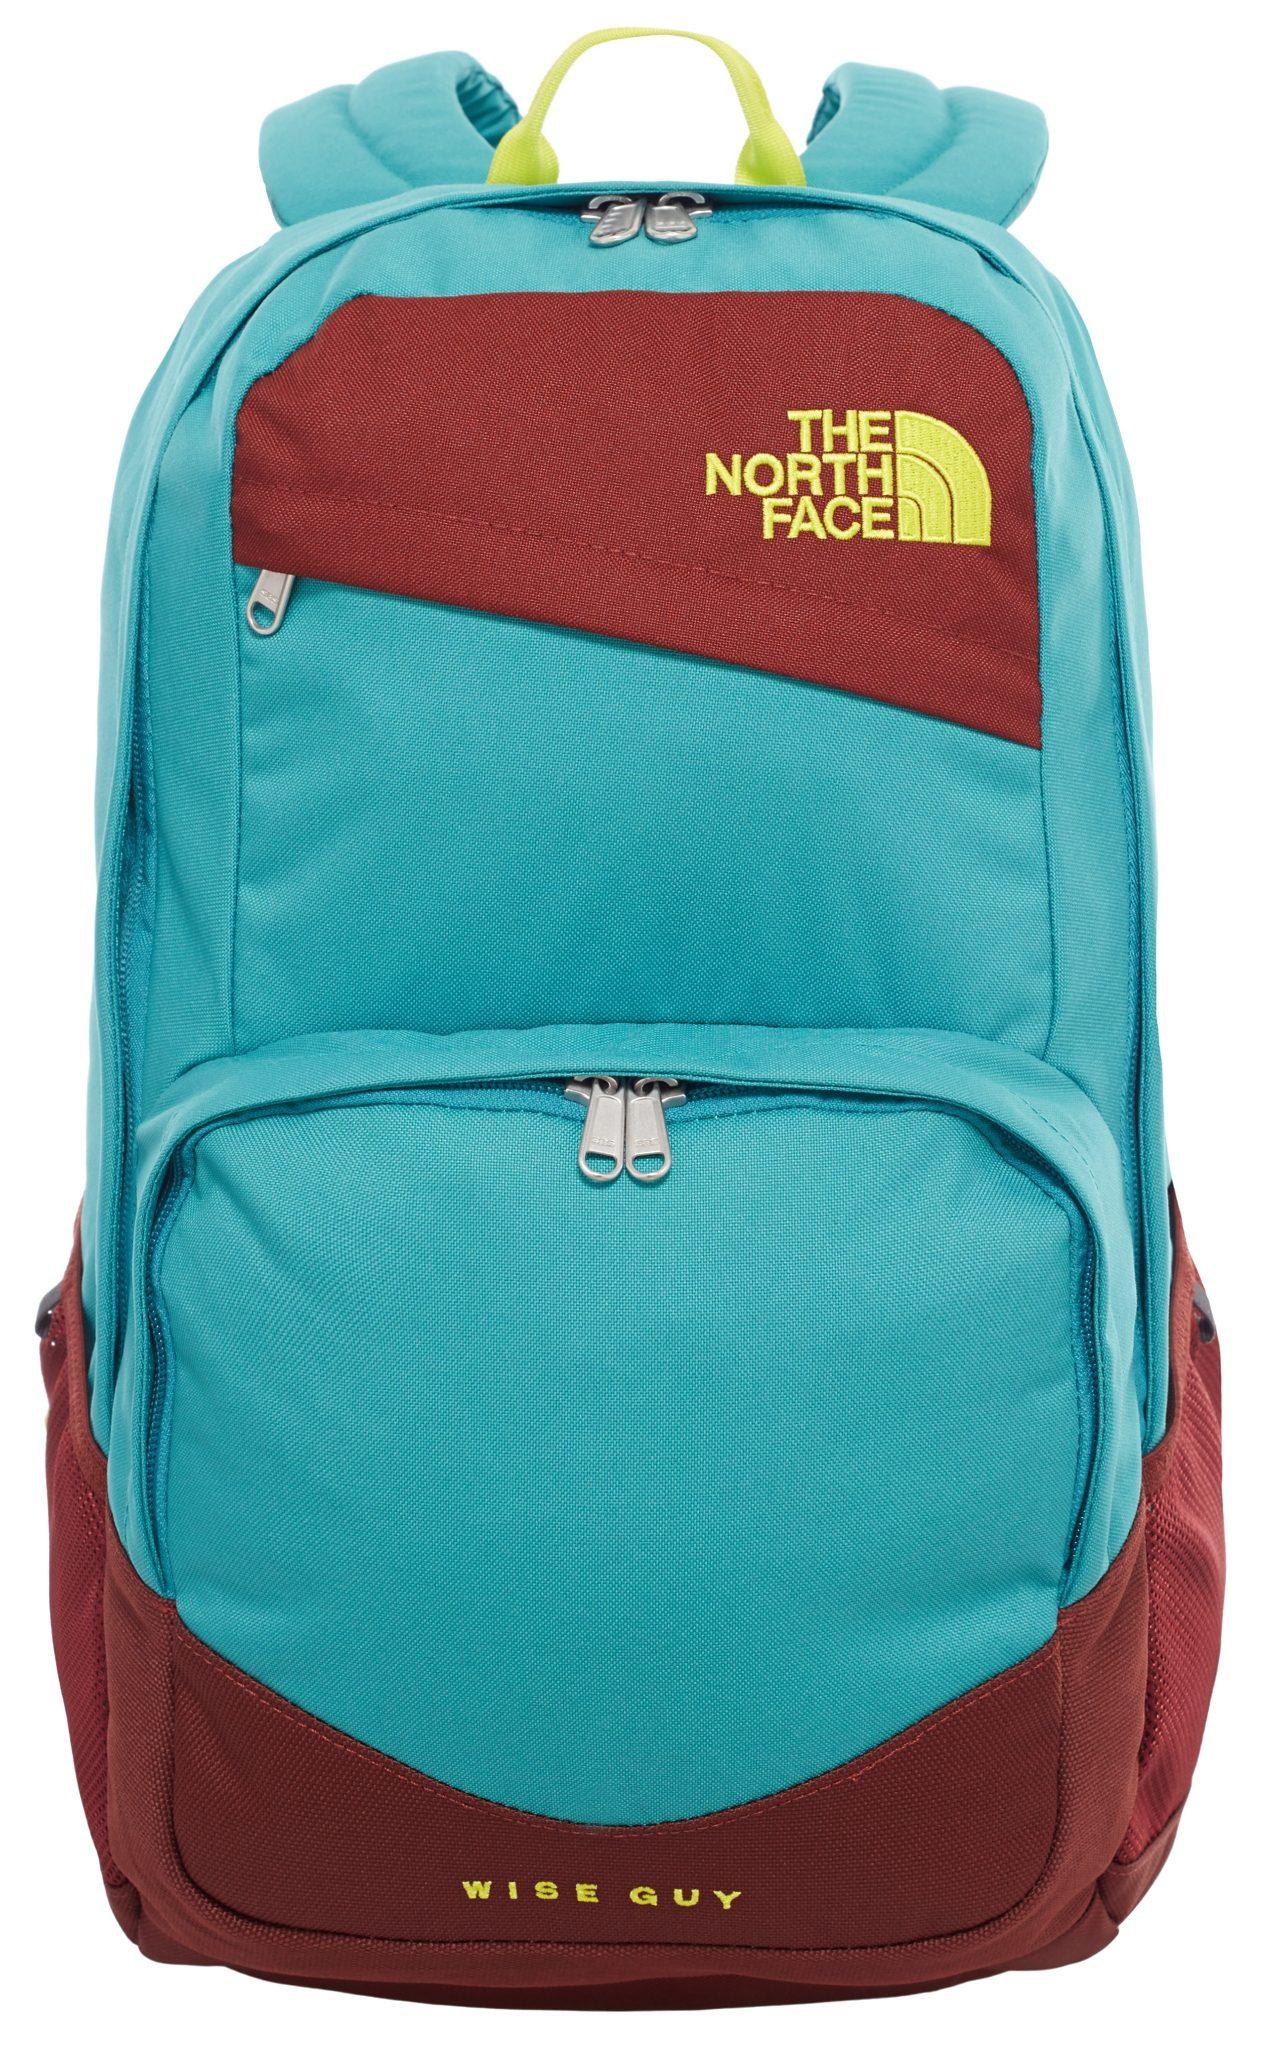 The North Face Sport- und Freizeittasche »Wise Guy Backpack«